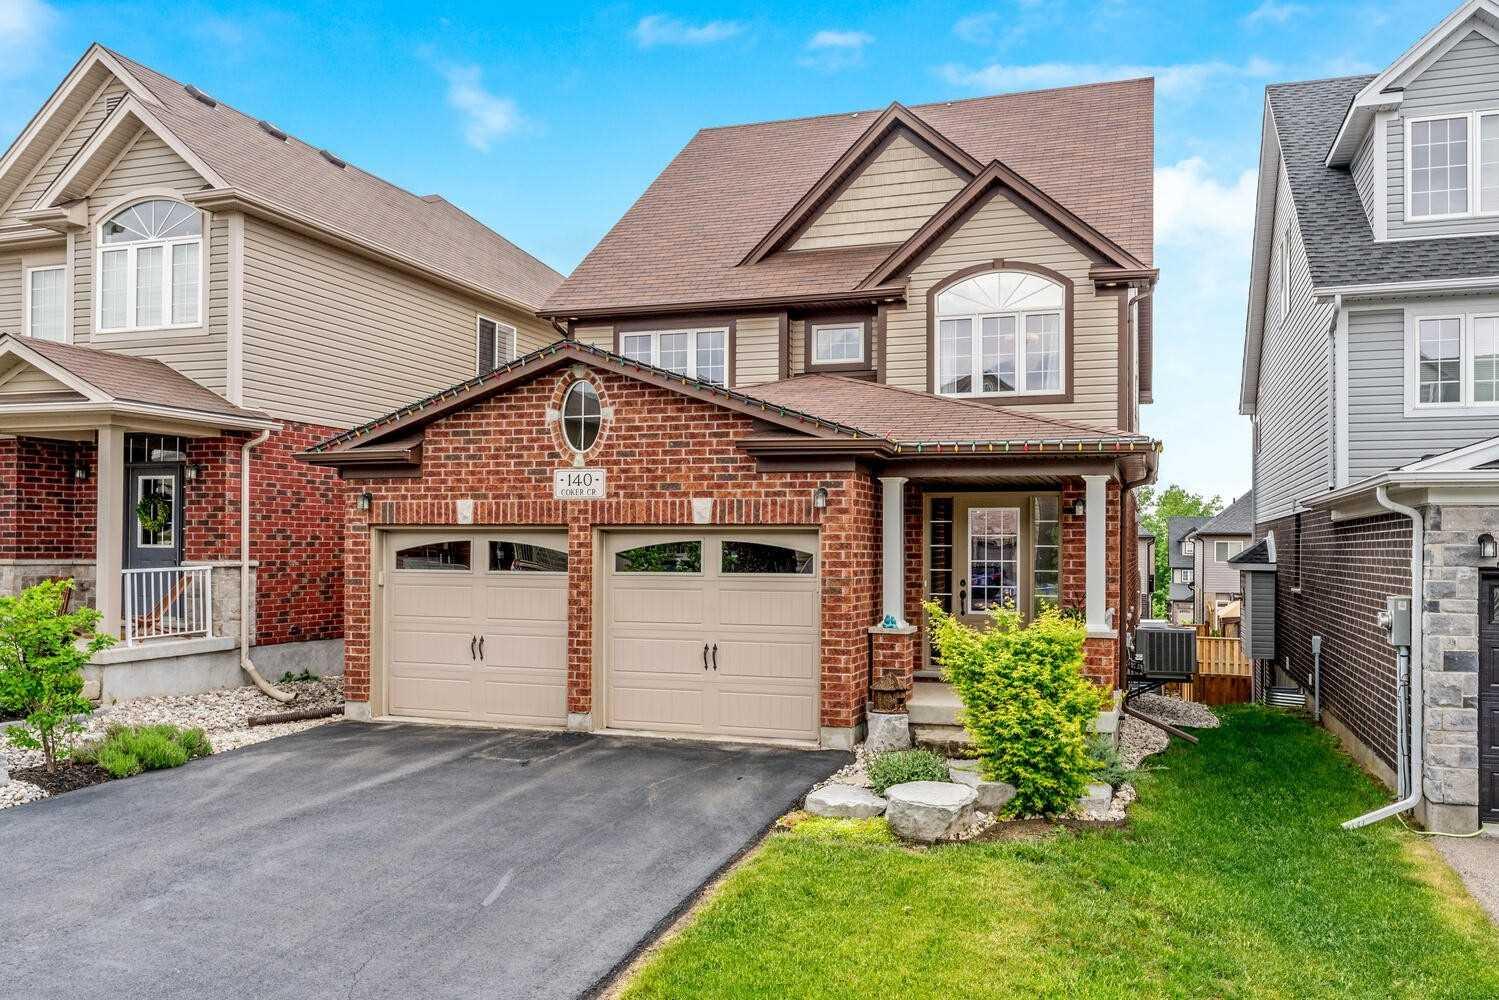 140 Coker Cres, Guelph/Eramosa, Ontario N0B 2K0, 4 Bedrooms Bedrooms, ,5 BathroomsBathrooms,Detached,For Sale,Coker,X5273503